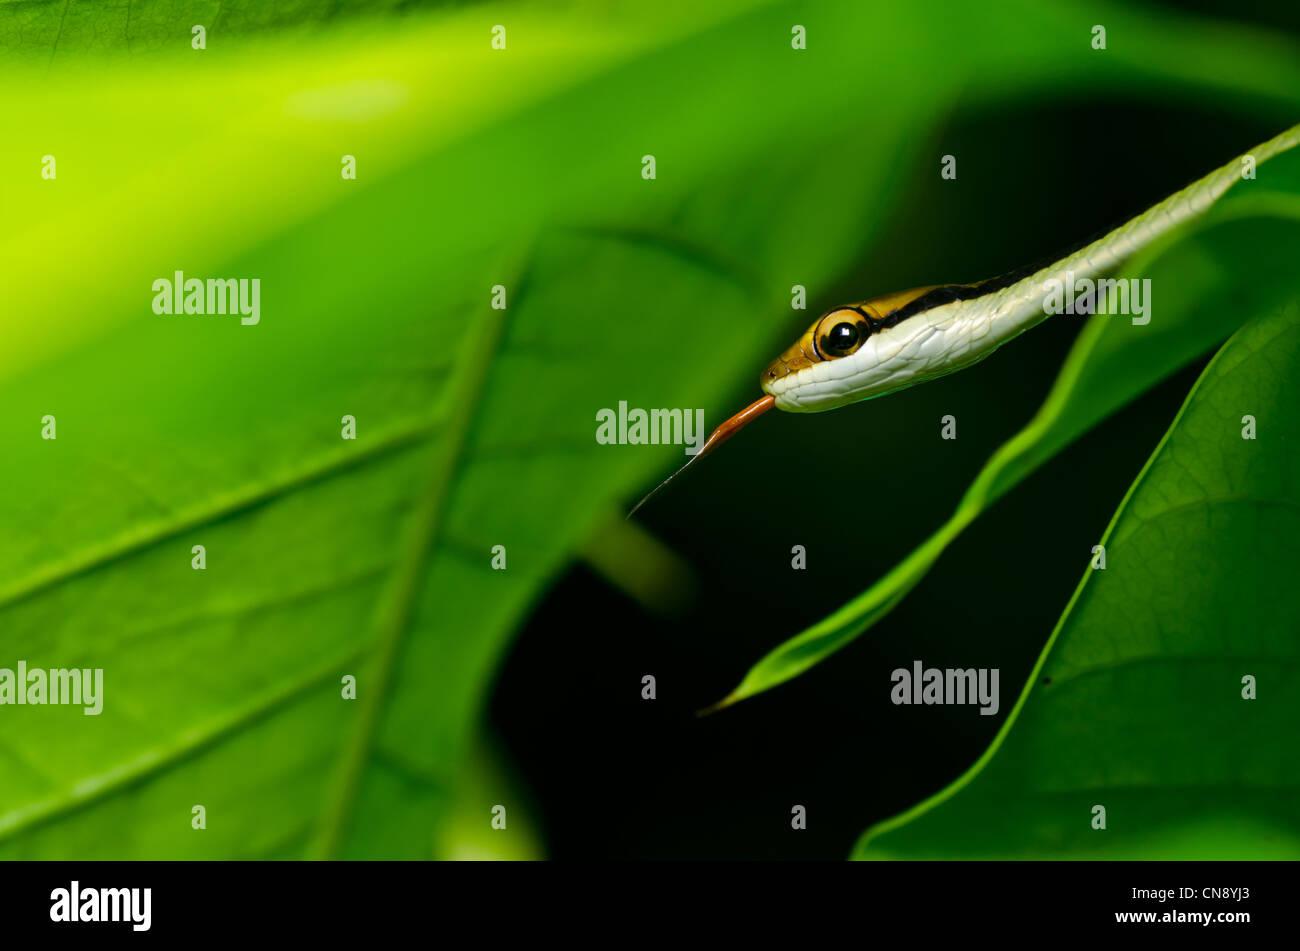 Piccolo serpente nel verde della natura o nella foresta Immagini Stock